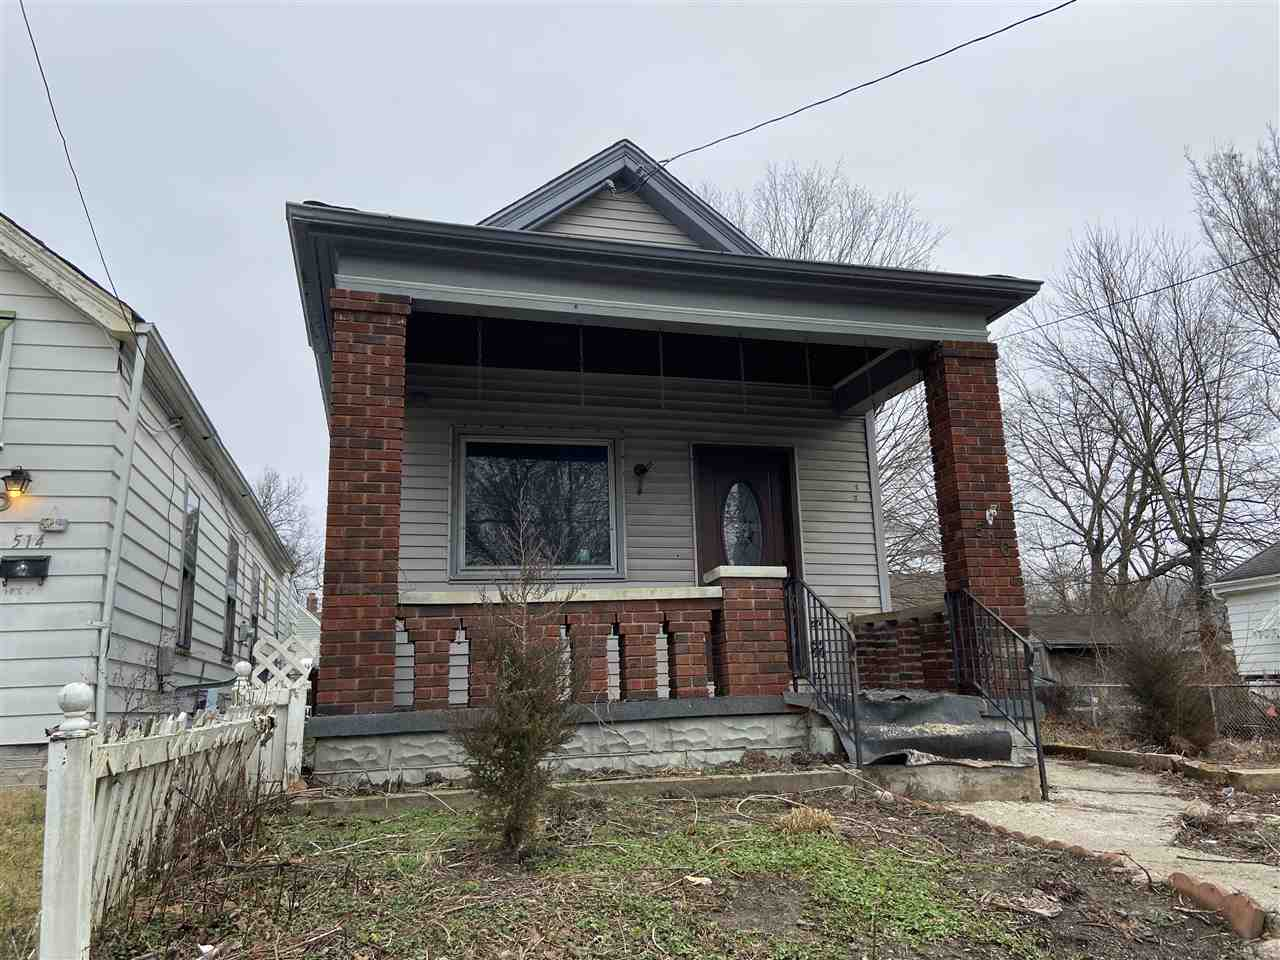 516 E 19th, Covington, Kentucky